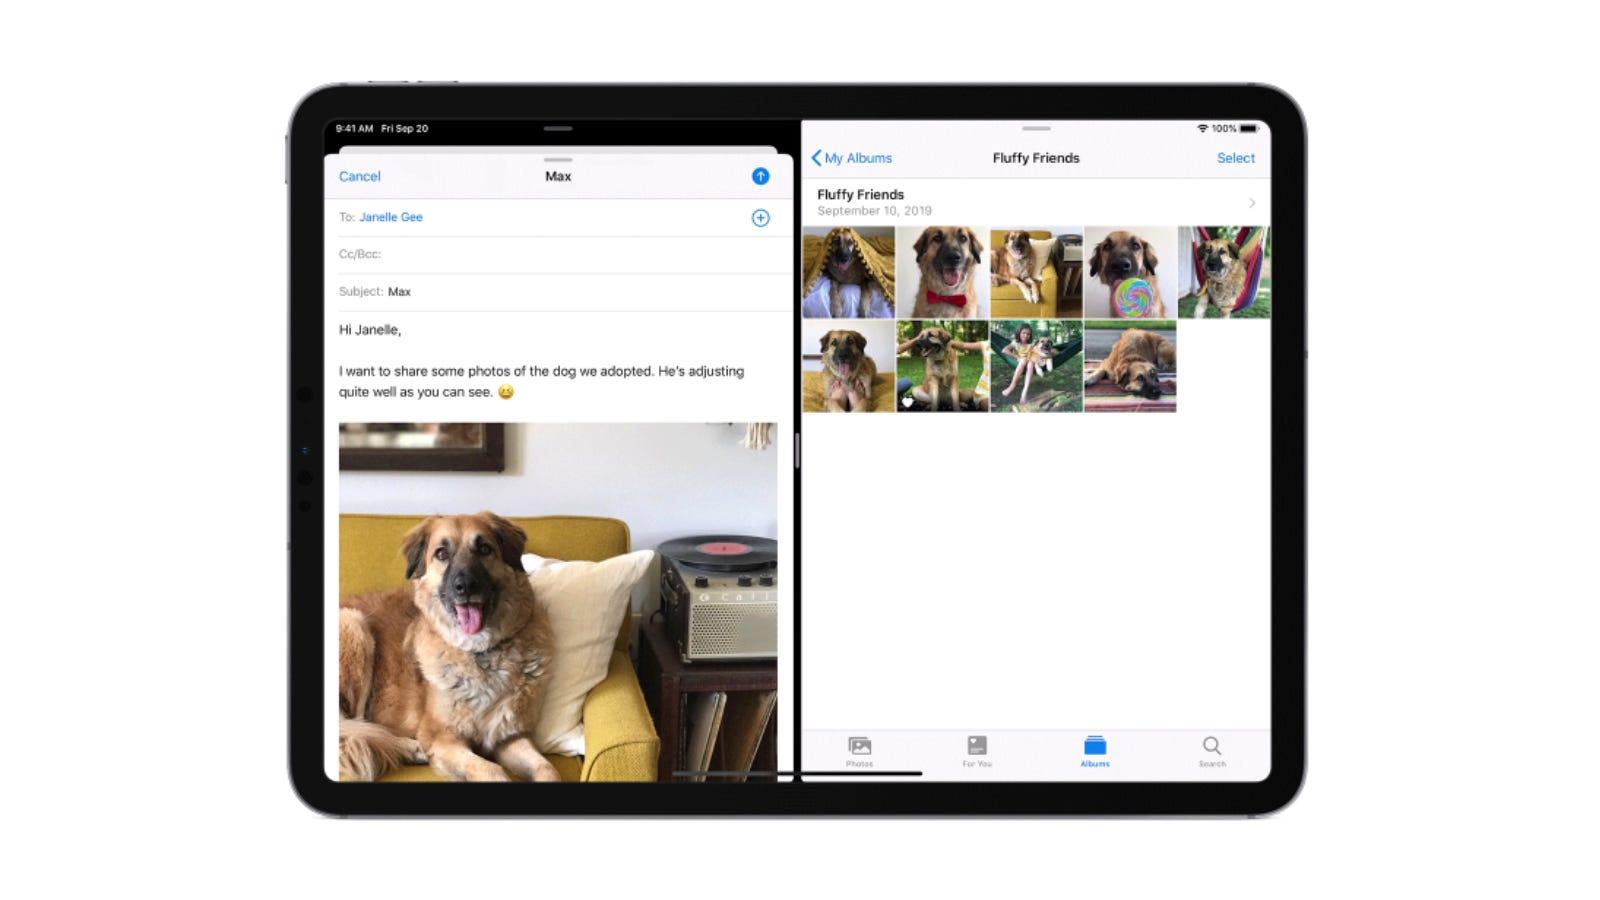 Splt-view on iPad